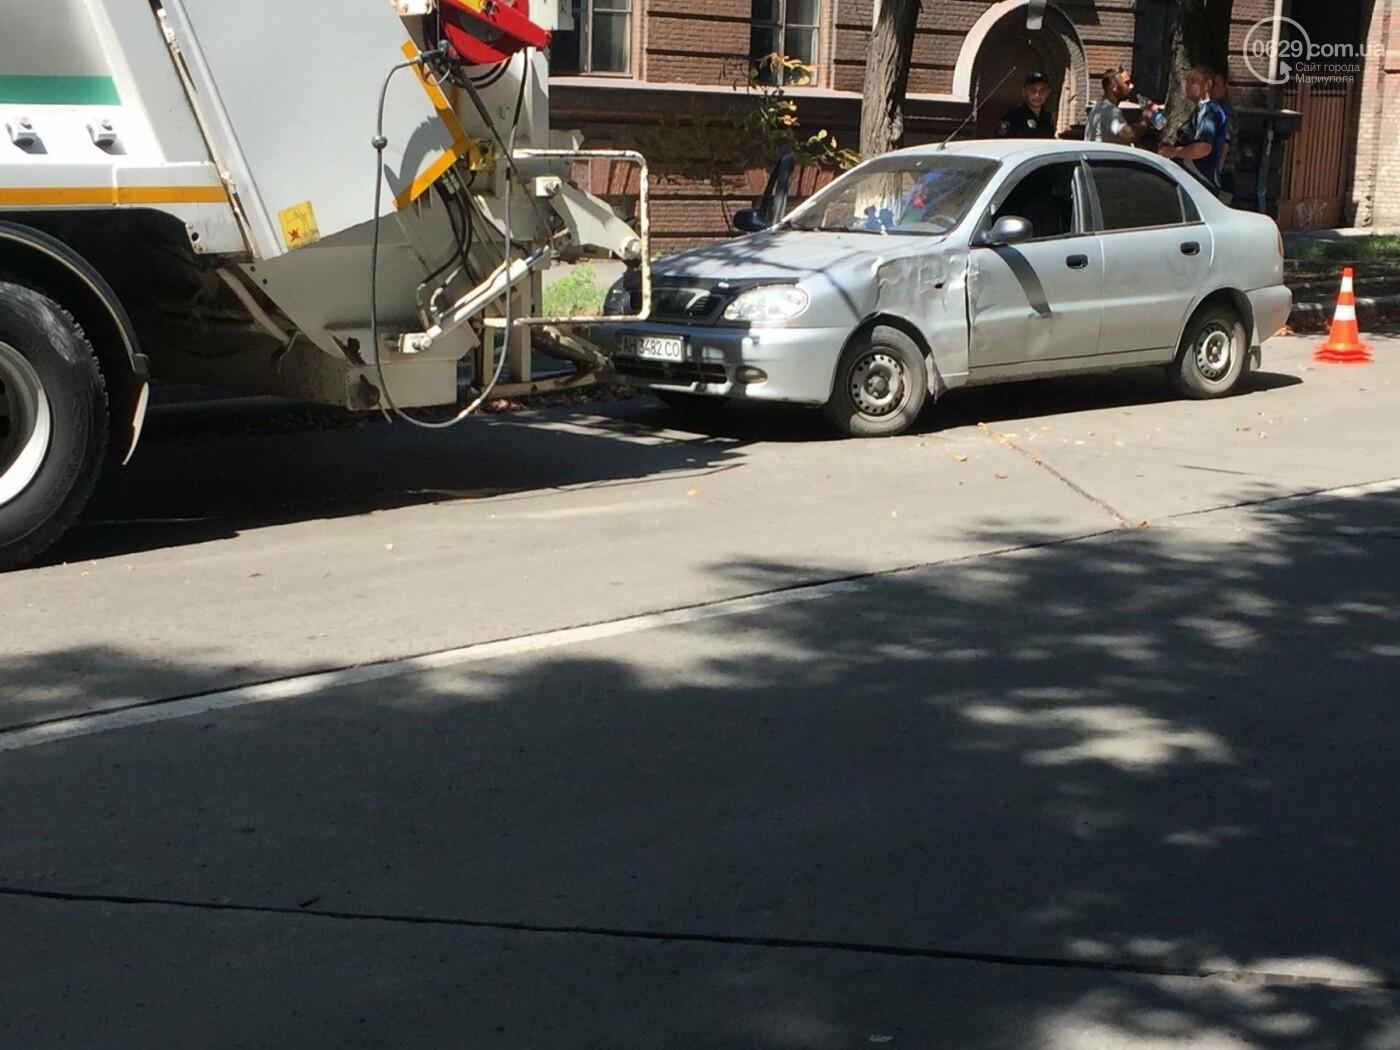 В центре Мариуполя мусоровоз задел легковушку, стоящую в пробке,- ФОТО, ВИДЕО, фото-1